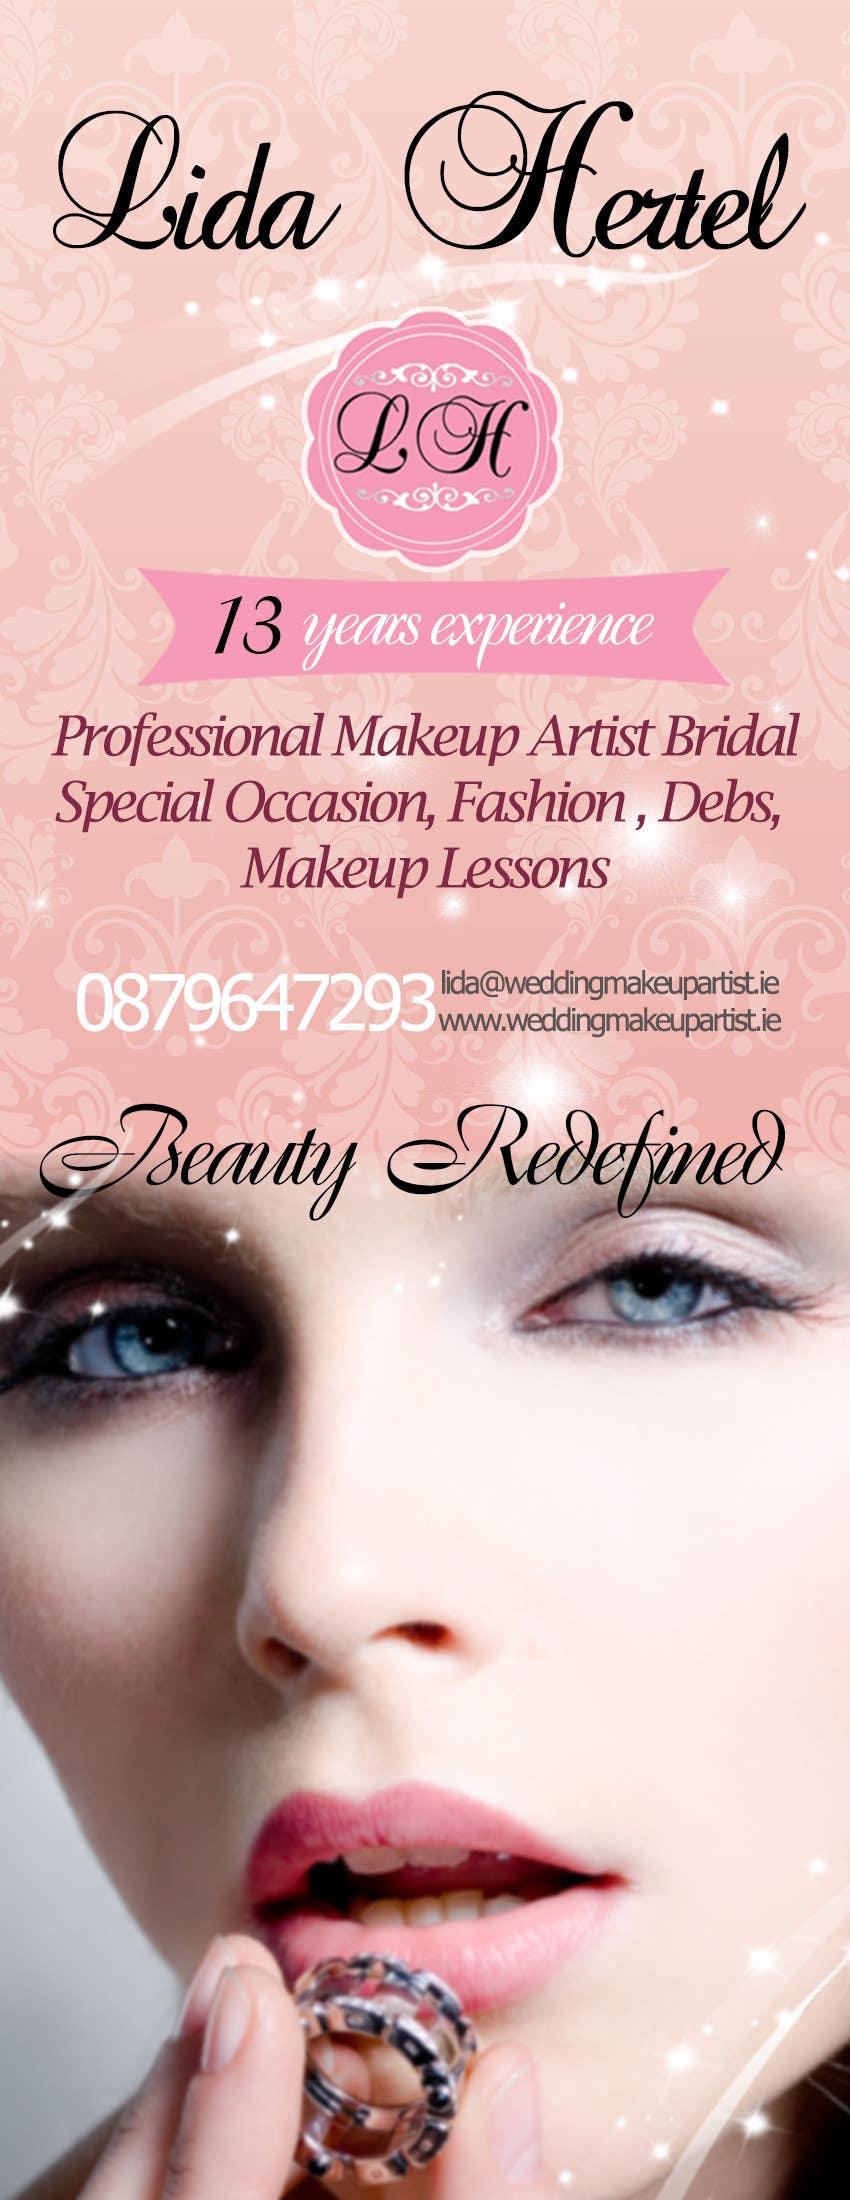 Penyertaan Peraduan #                                        19                                      untuk                                         Design a Pull-Up Banner for Makeup Artist